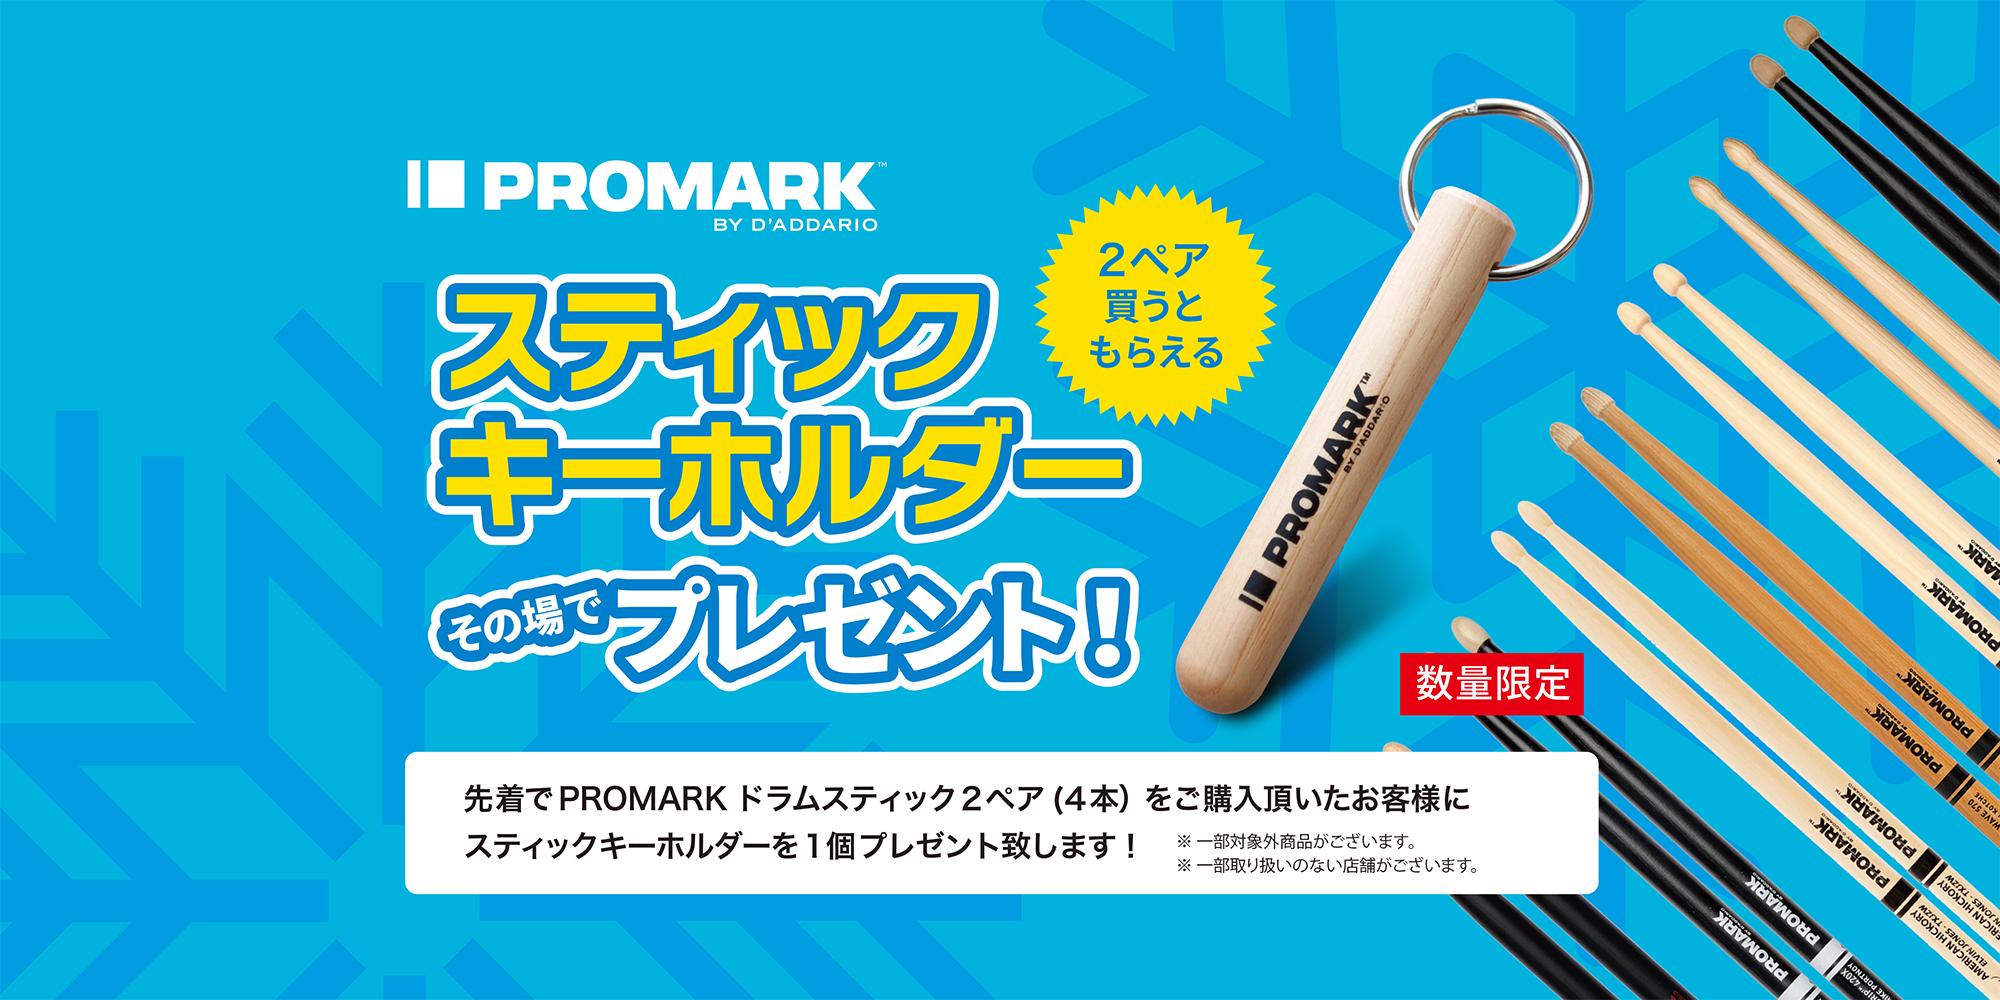 promark_campaign